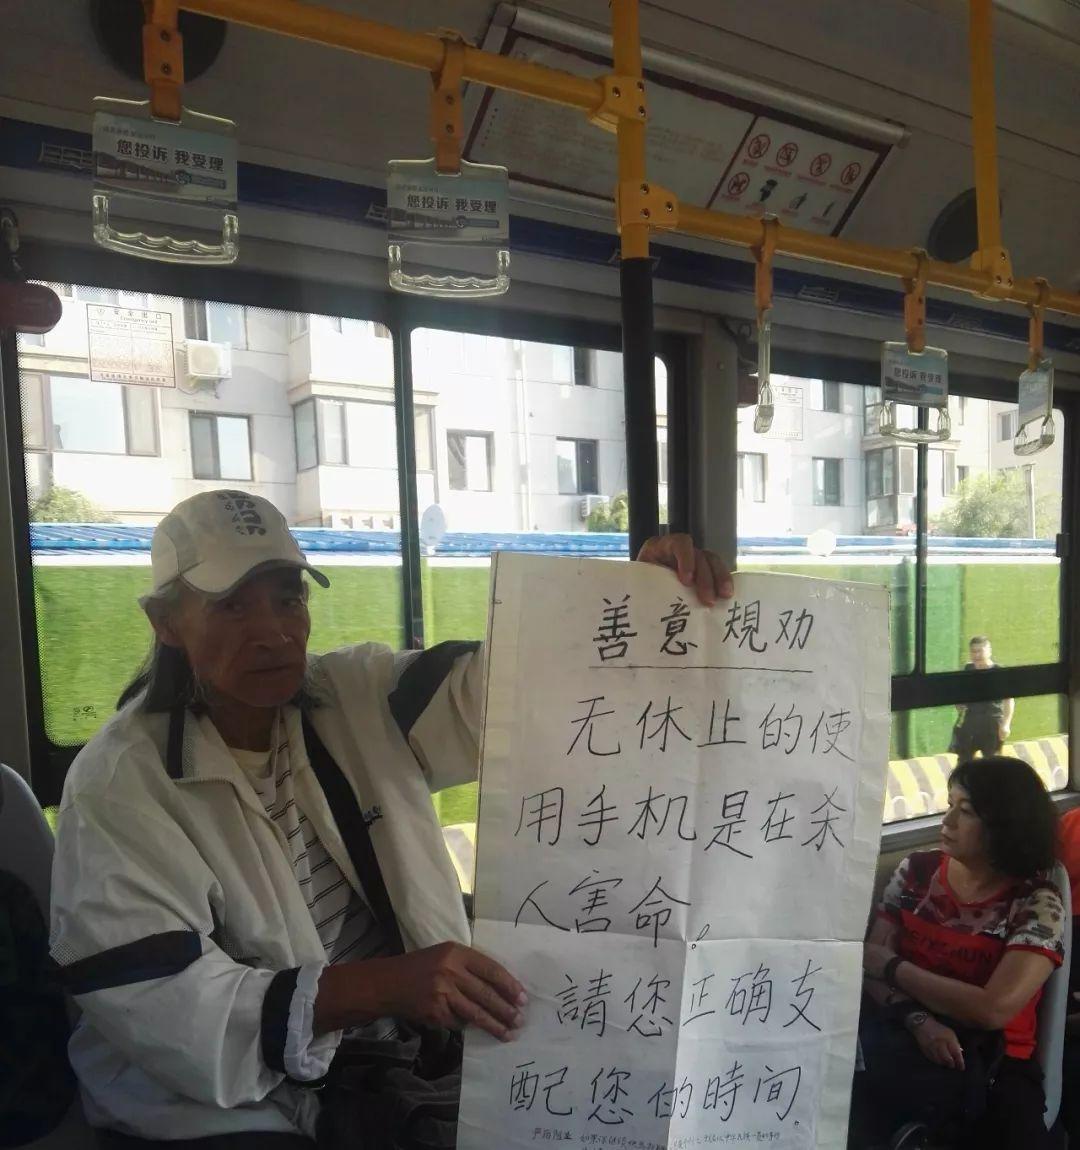 75岁大爷公交举宣传牌:无休止使用手机是杀人害命|公交车站